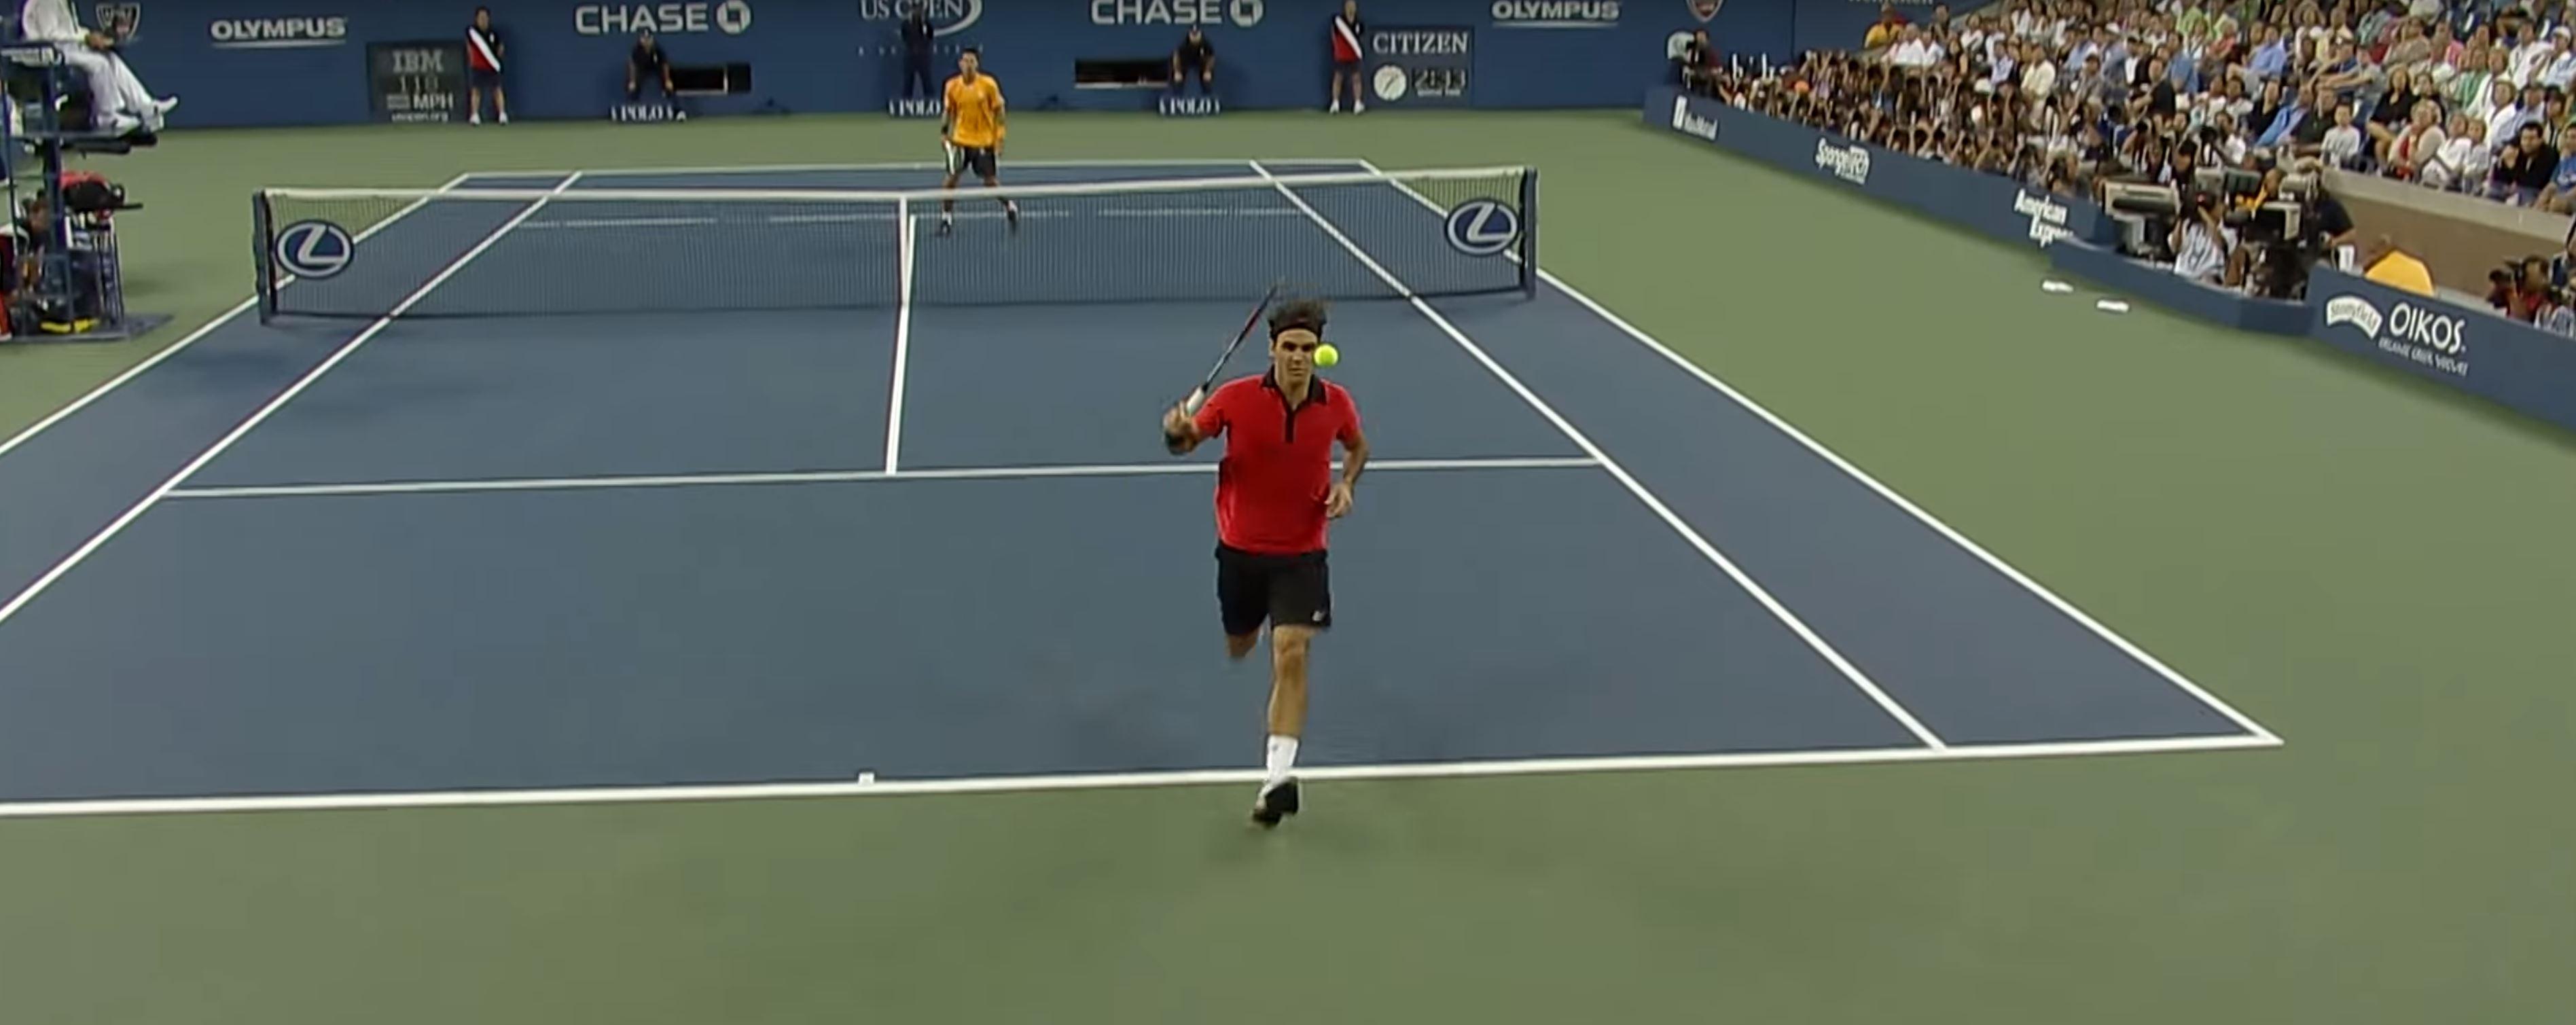 Best tennis shot ever